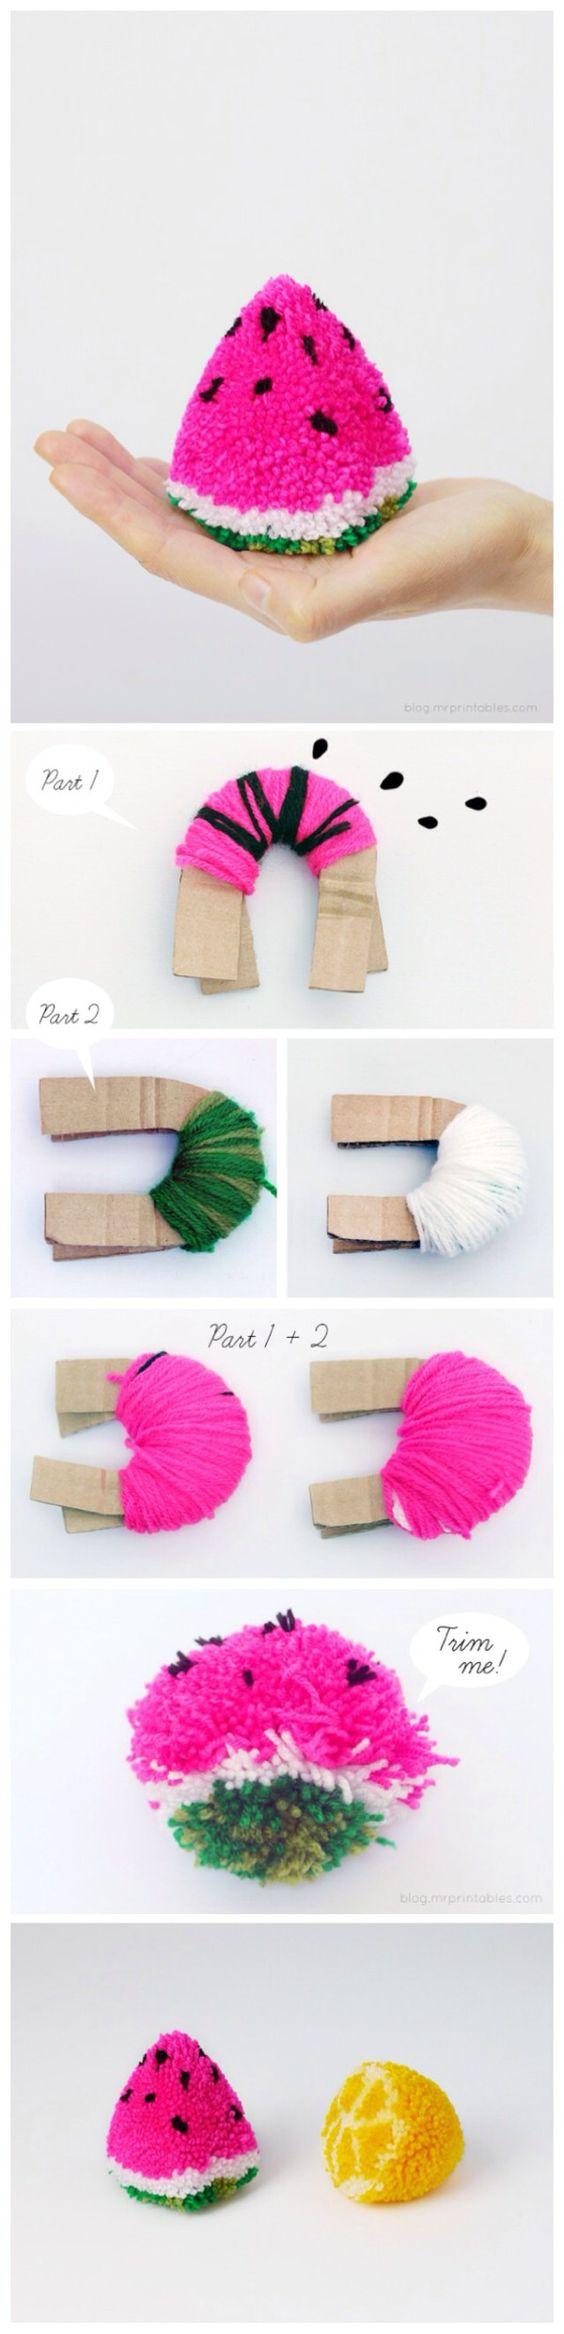 pompones- guirnaldas de sandias para una fiesta de verano!: